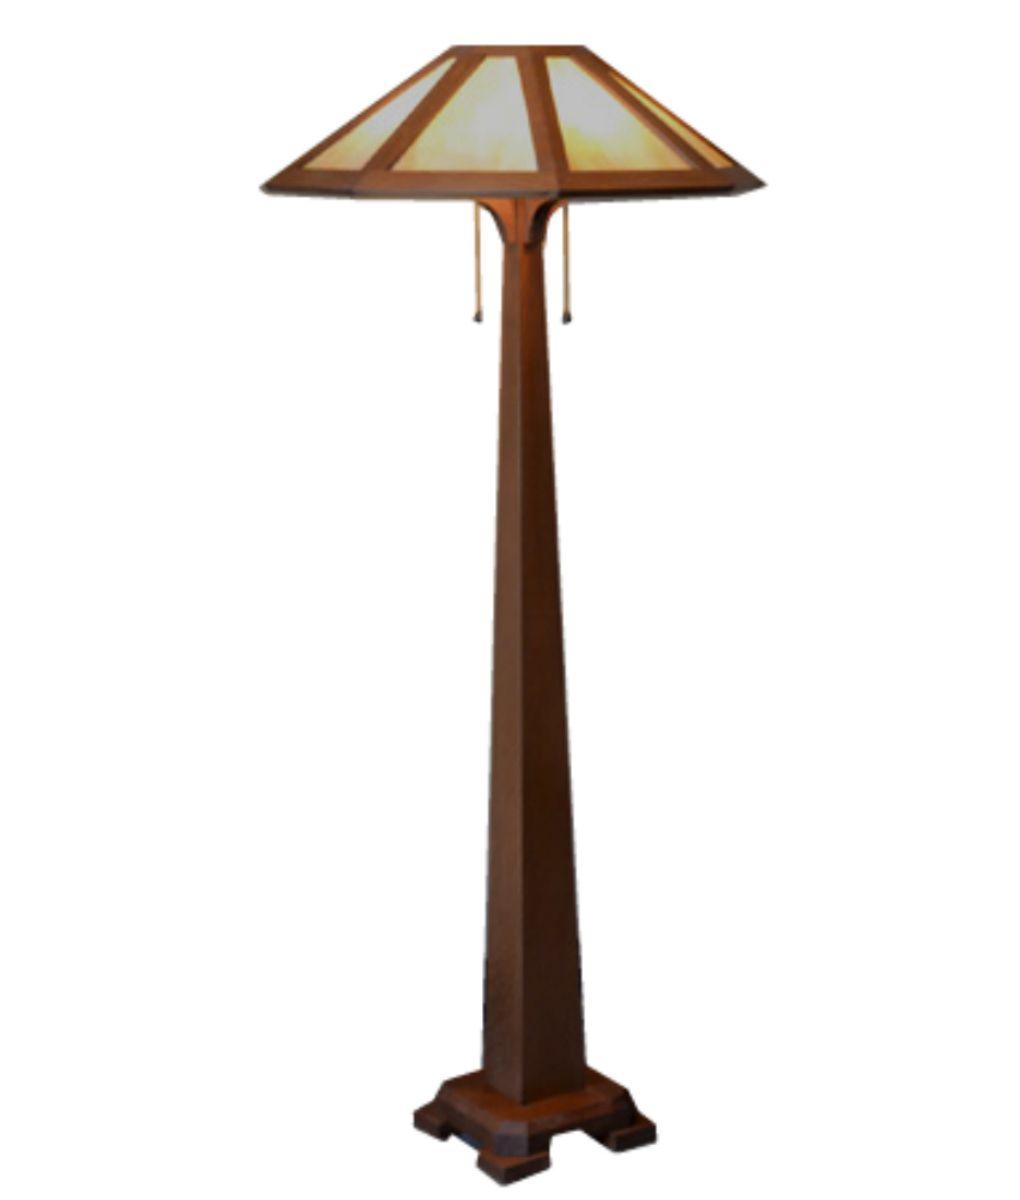 Mission Craftsman Floor Lamp Saugatuck Rustic Artistry Craftsman Table Lamps Rustic Floor Lamps Floor Lamp